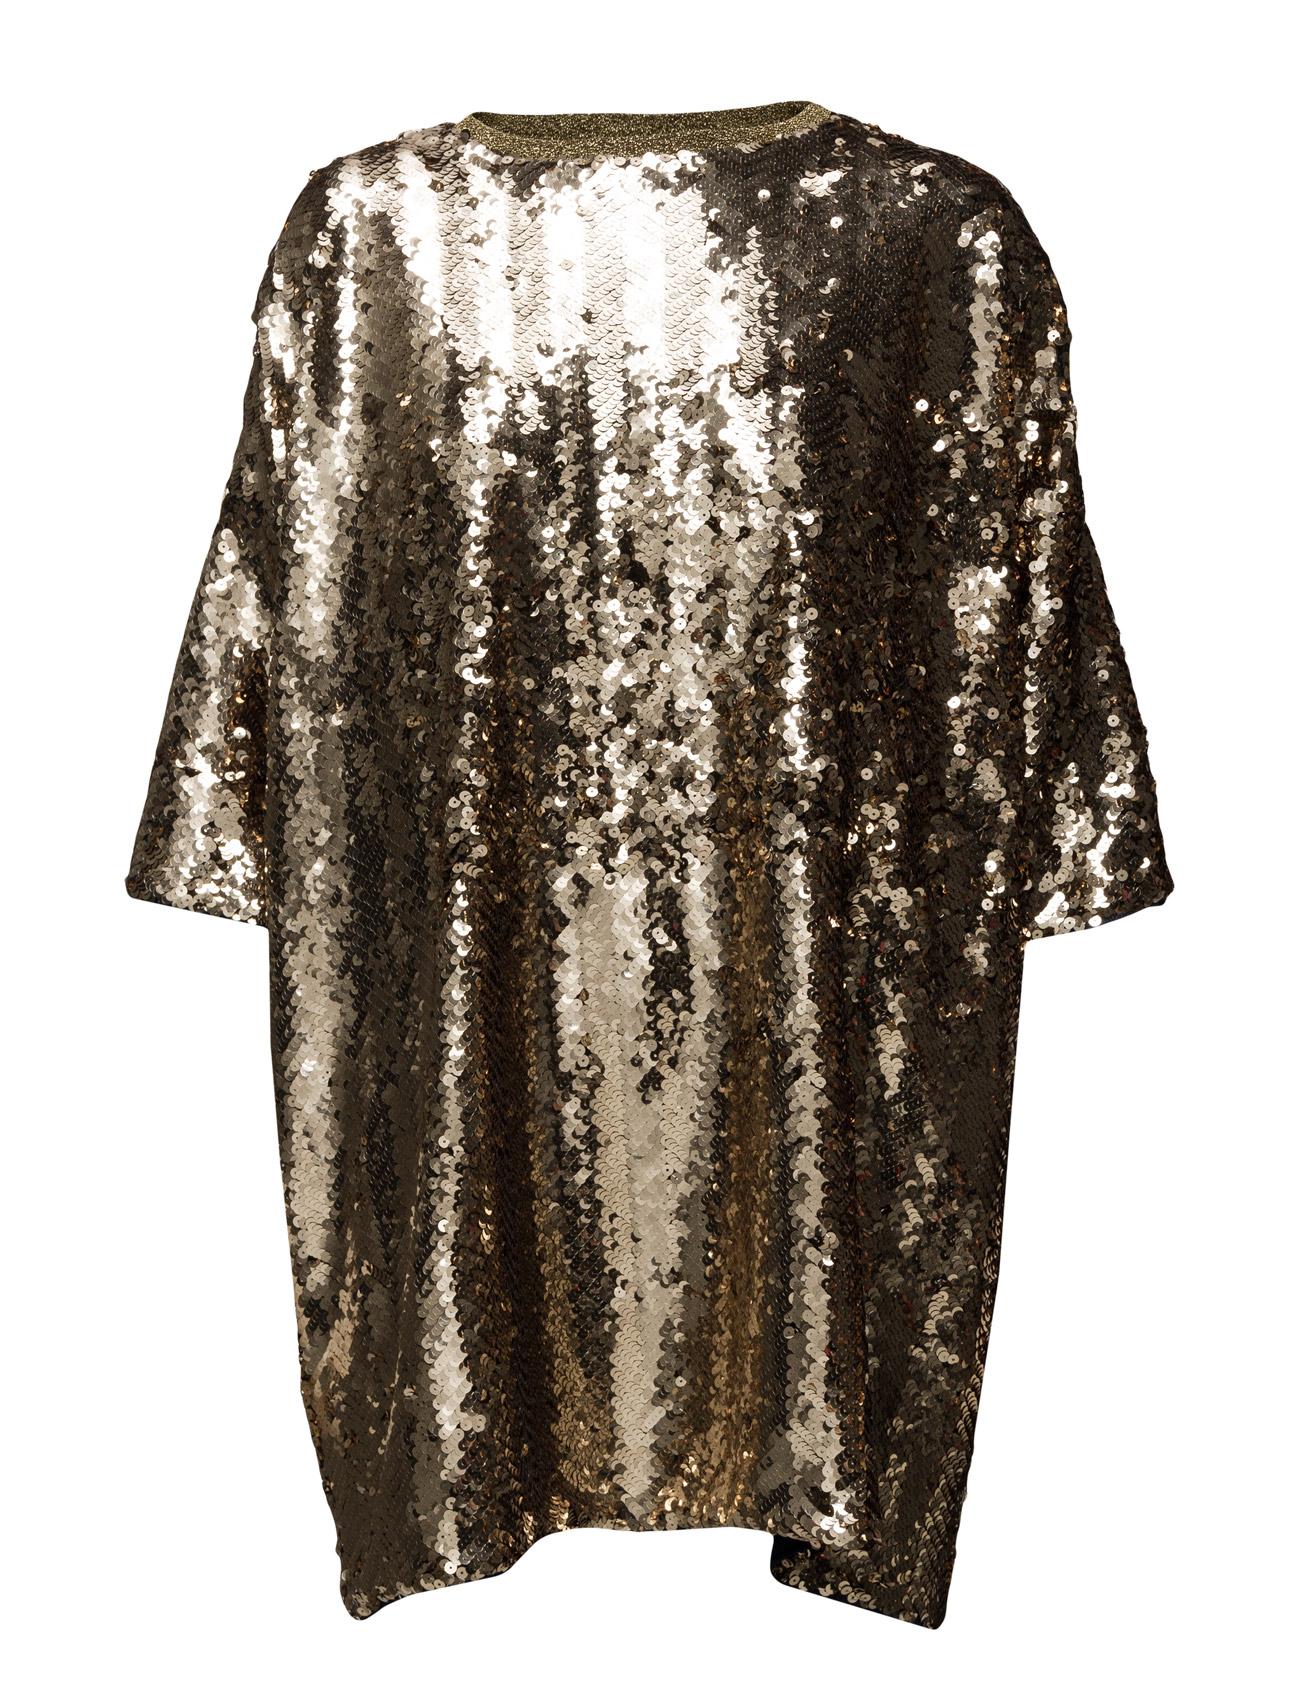 Sequency Doxa Mads Nørgaard Korte kjoler til Damer i Guld